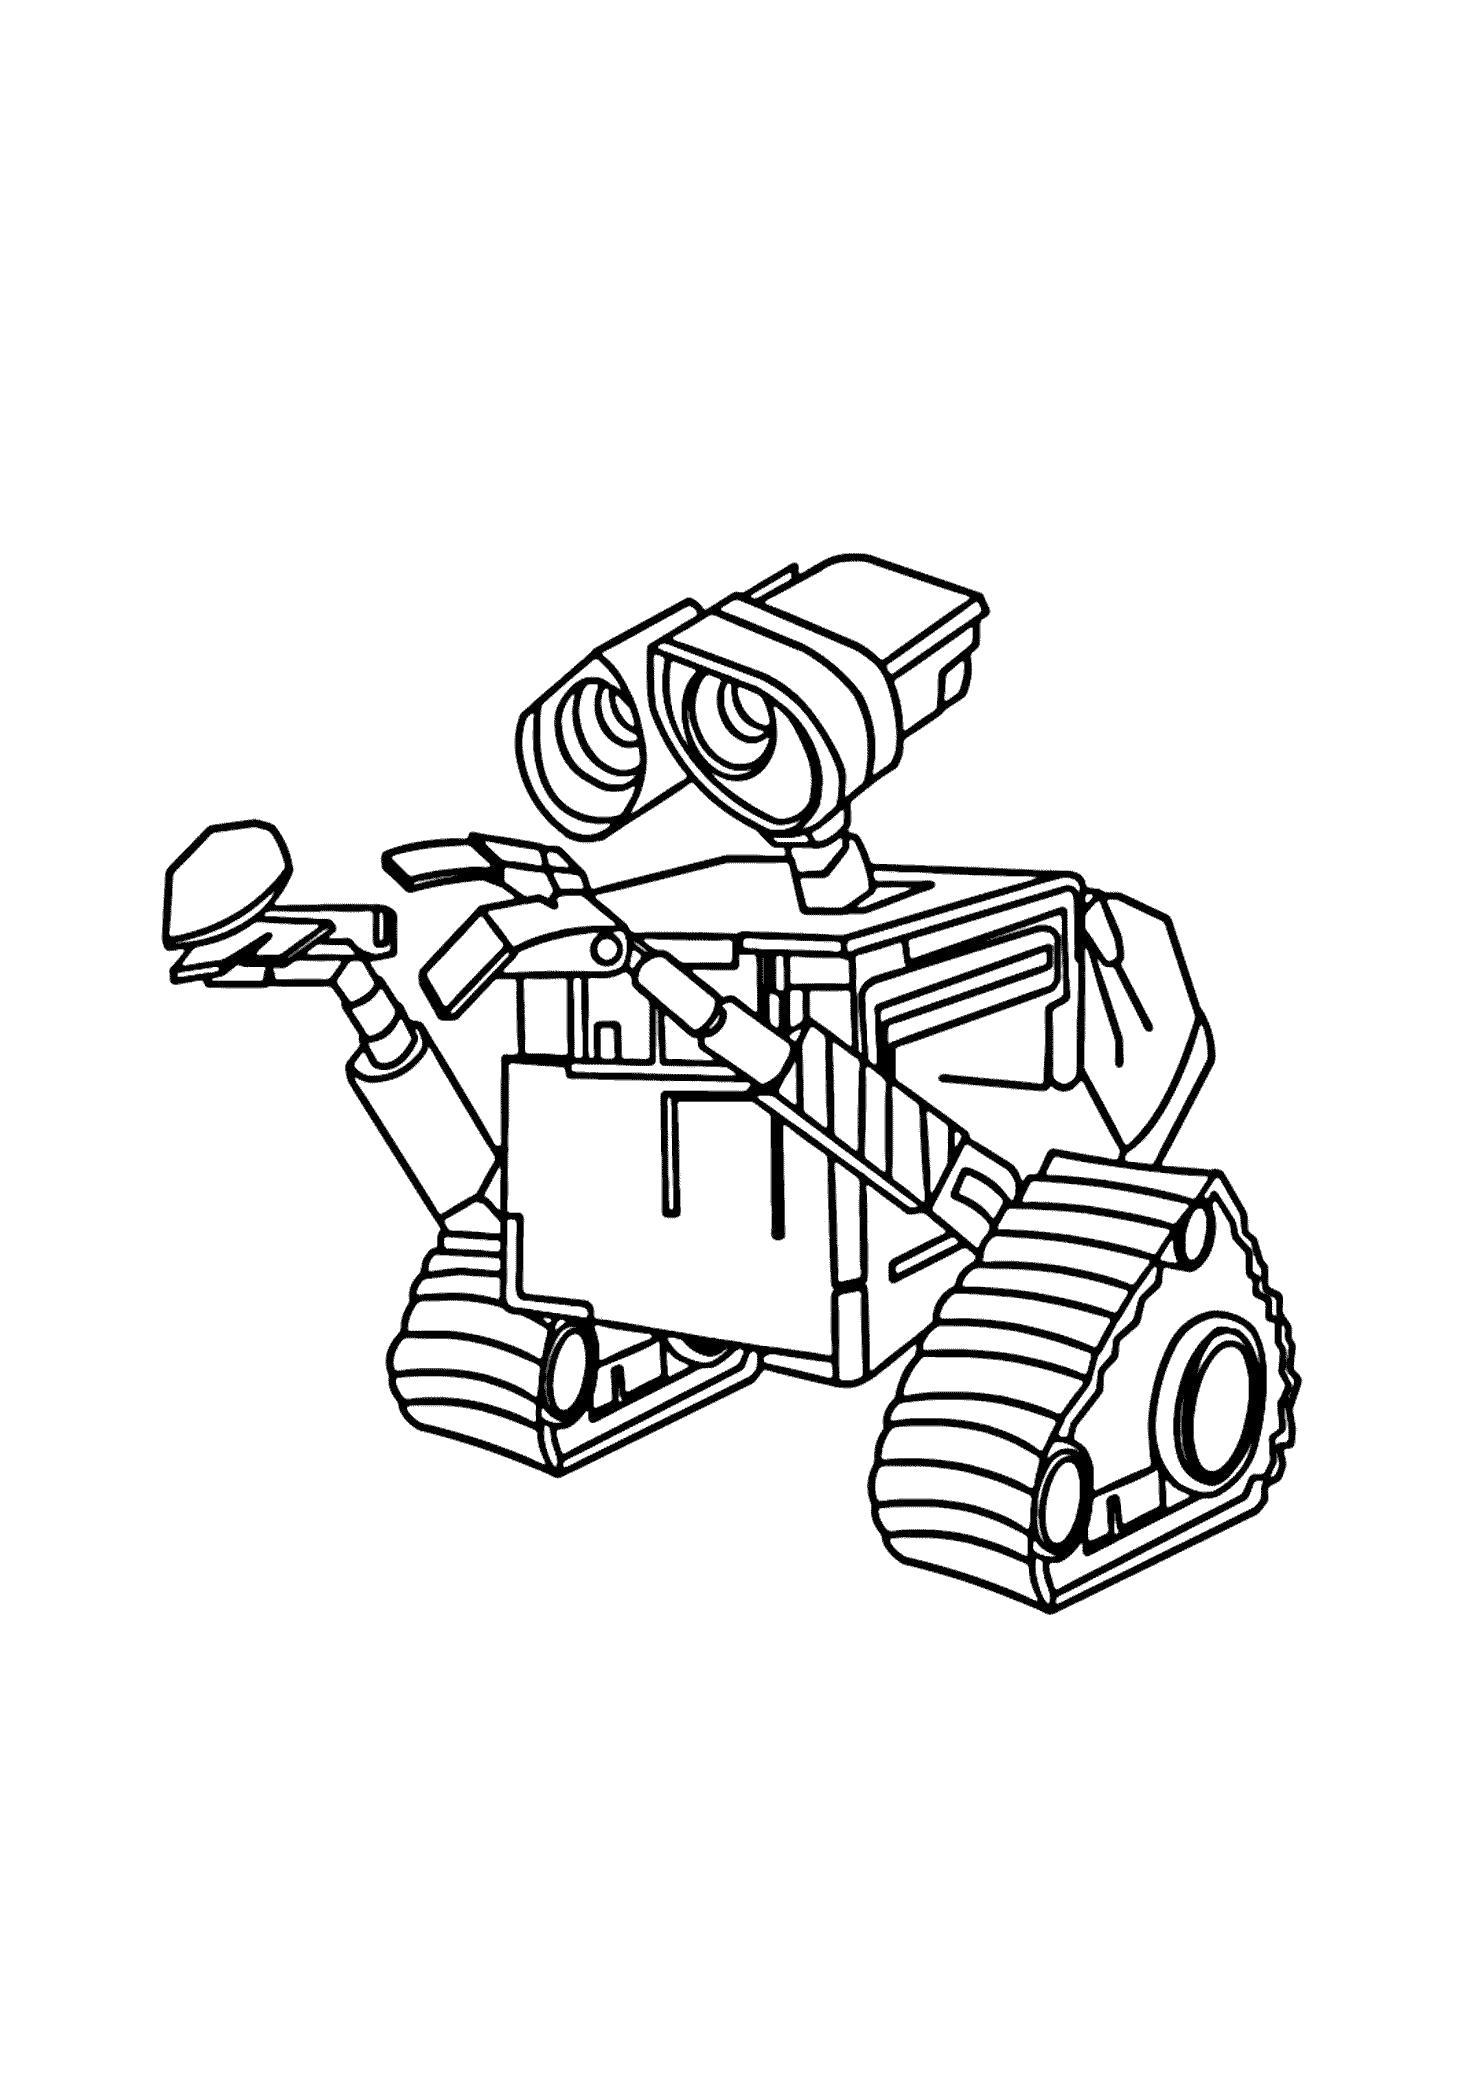 Раскраска . Скачать Робот.  Распечатать Робот